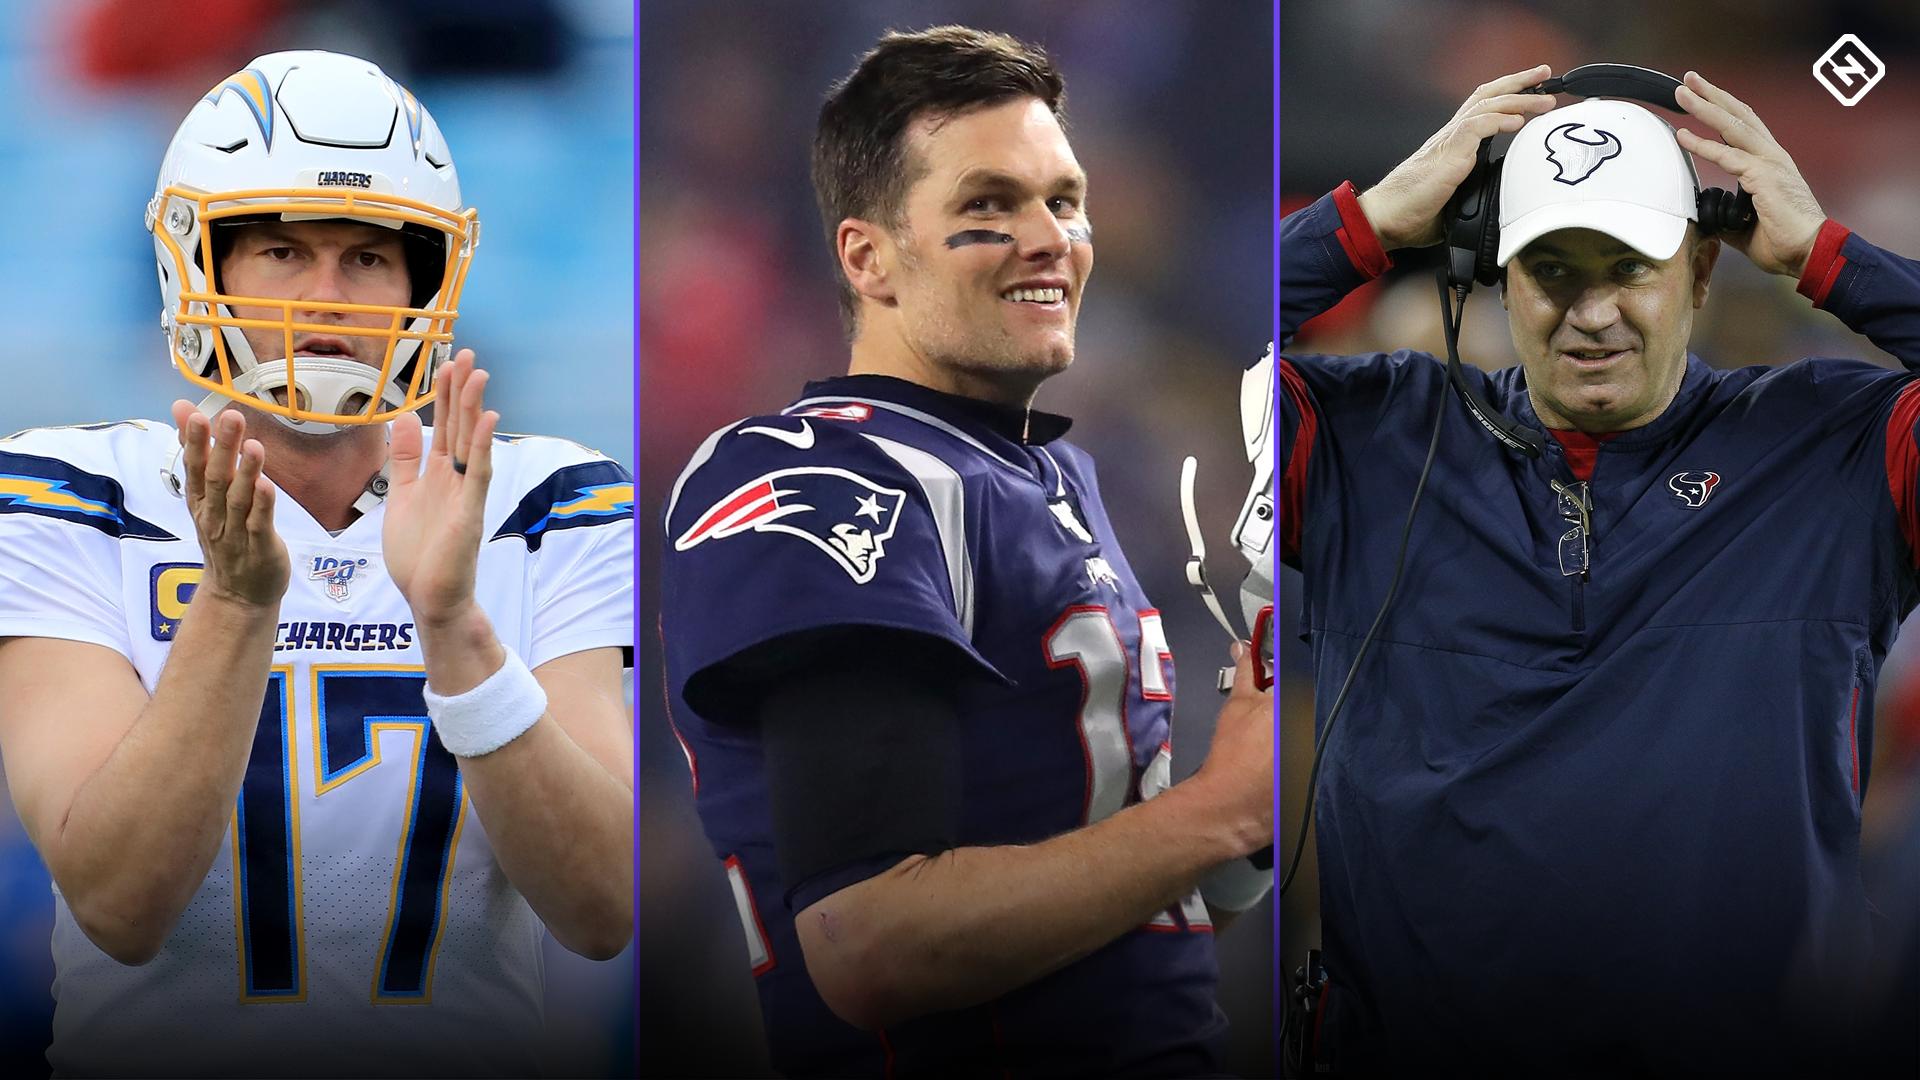 Vencedores e perdedores de agências gratuitas da NFL: Tom Brady está melhor com os Buccaneers; Carneiros desmontados; Ursos e texanos se enfrentam – Yahoo News Brasil